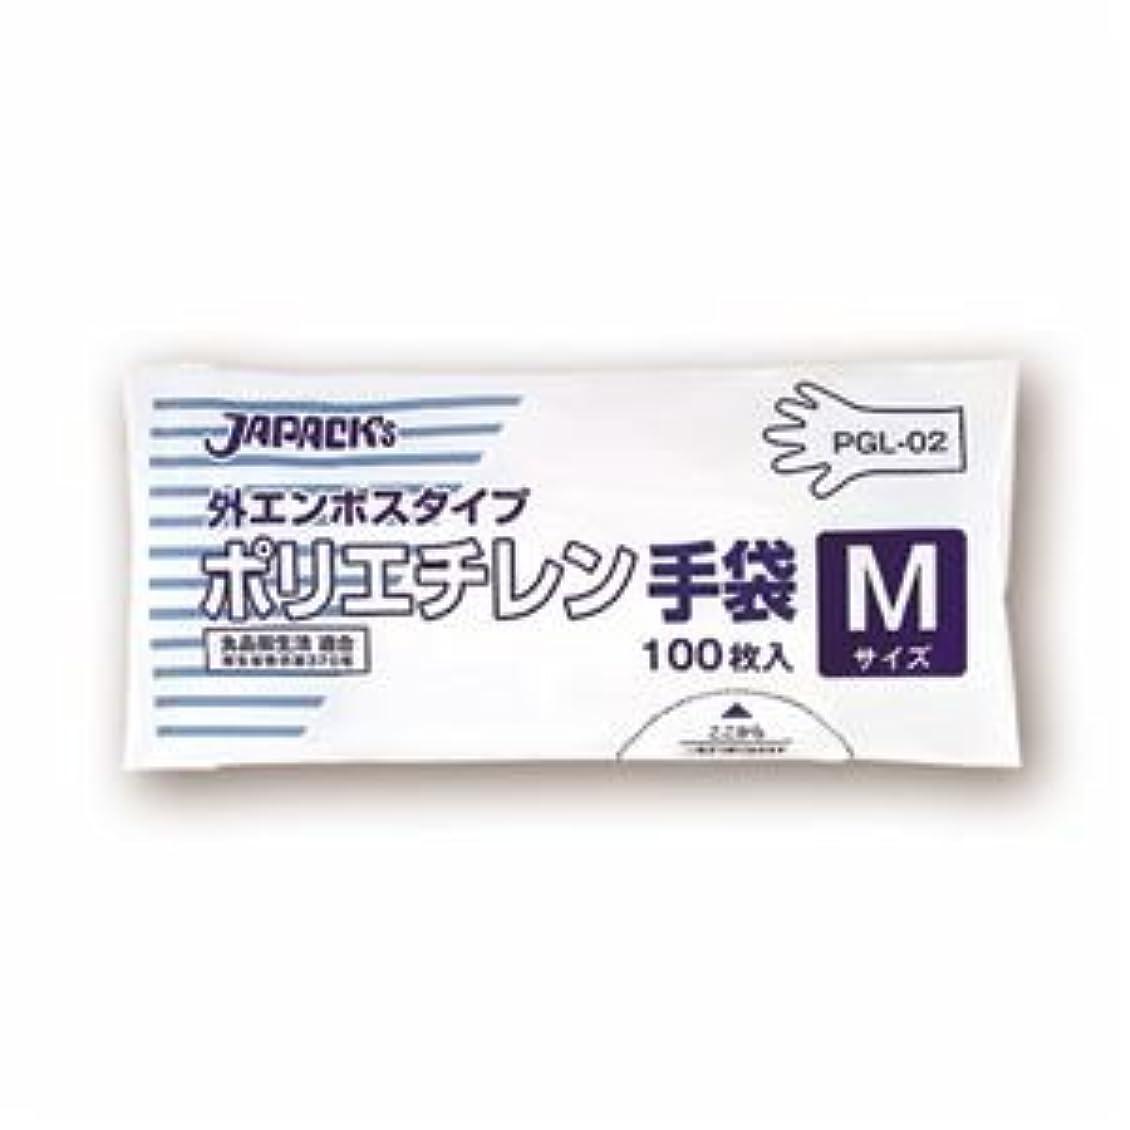 コカインの広告(まとめ) ジャパックス 外エンボスタイプ LDポリエチレン手袋 M PGL-02 1パック(100枚) 【×20セット】 ds-1583317